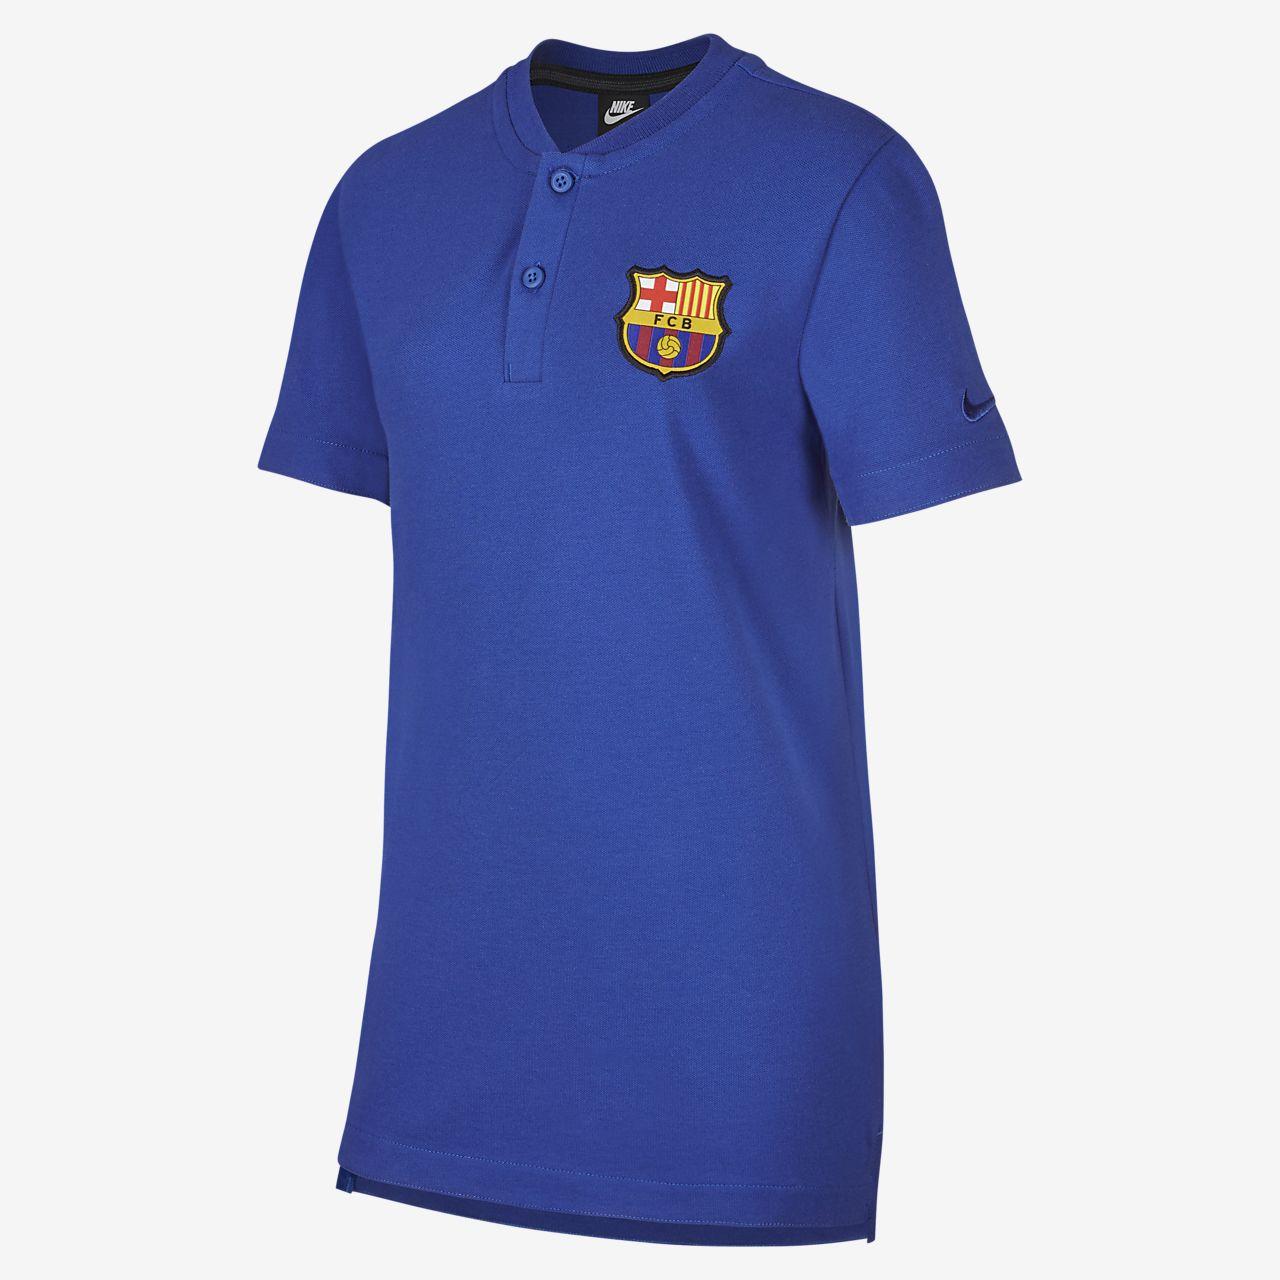 collezione ufficiale di FC Barcelona FC Barcelona Tuta per ...